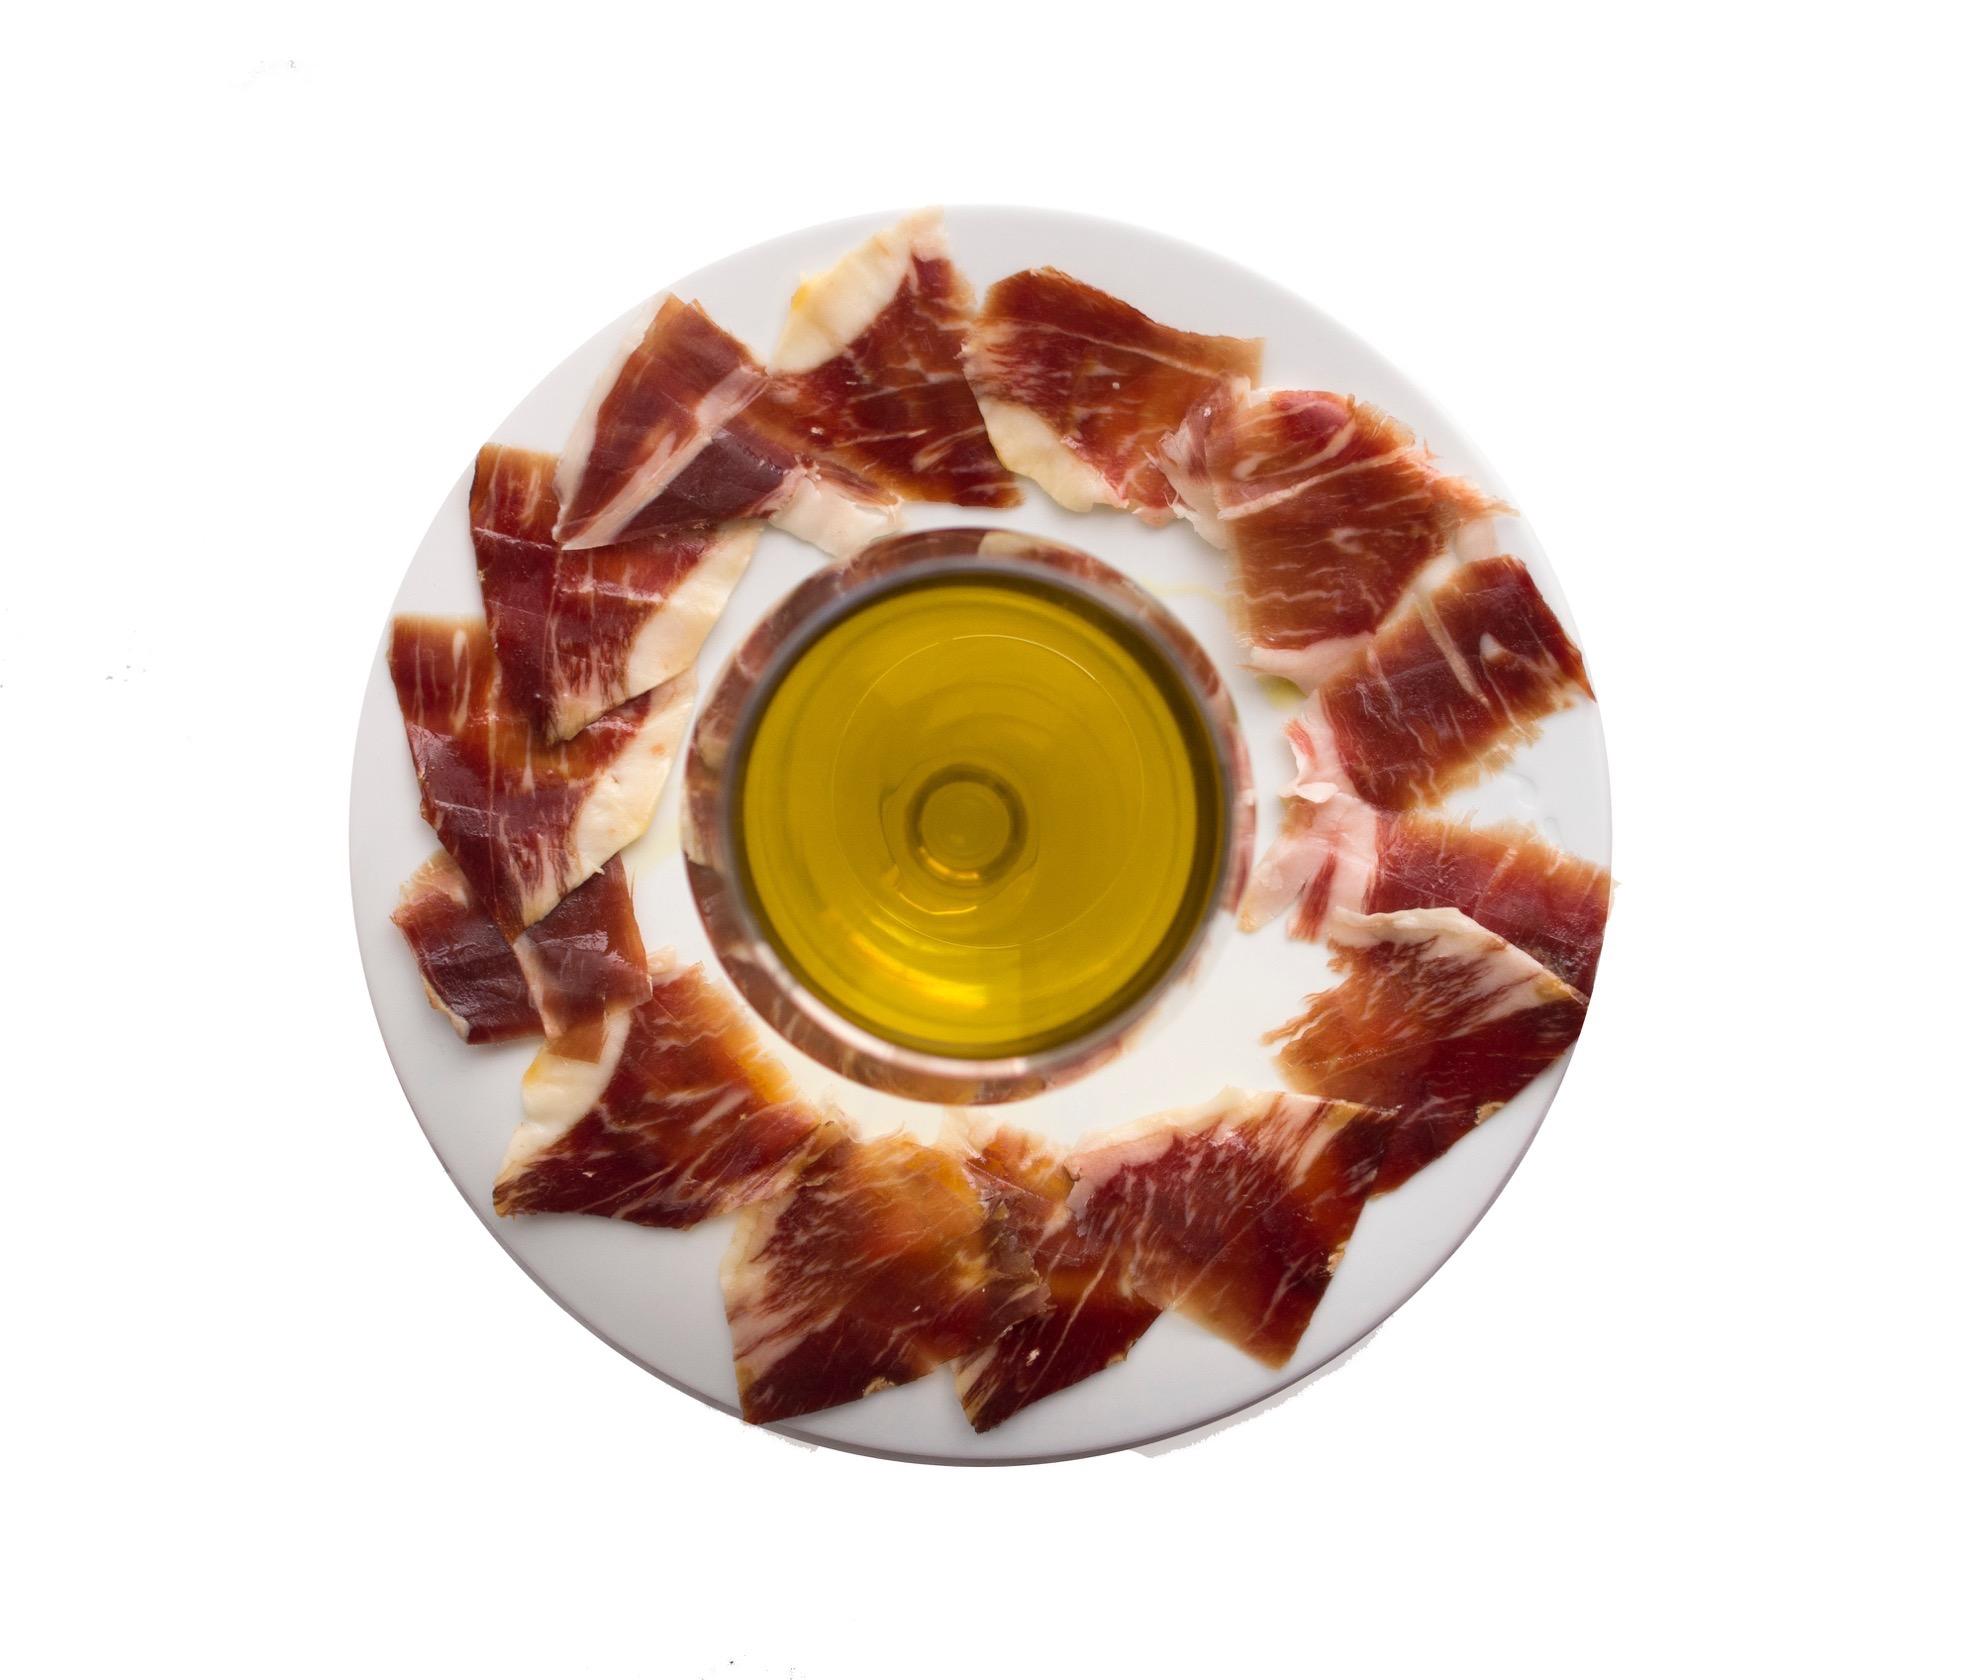 Plato de jamón con aceite de hermanos pulido varo